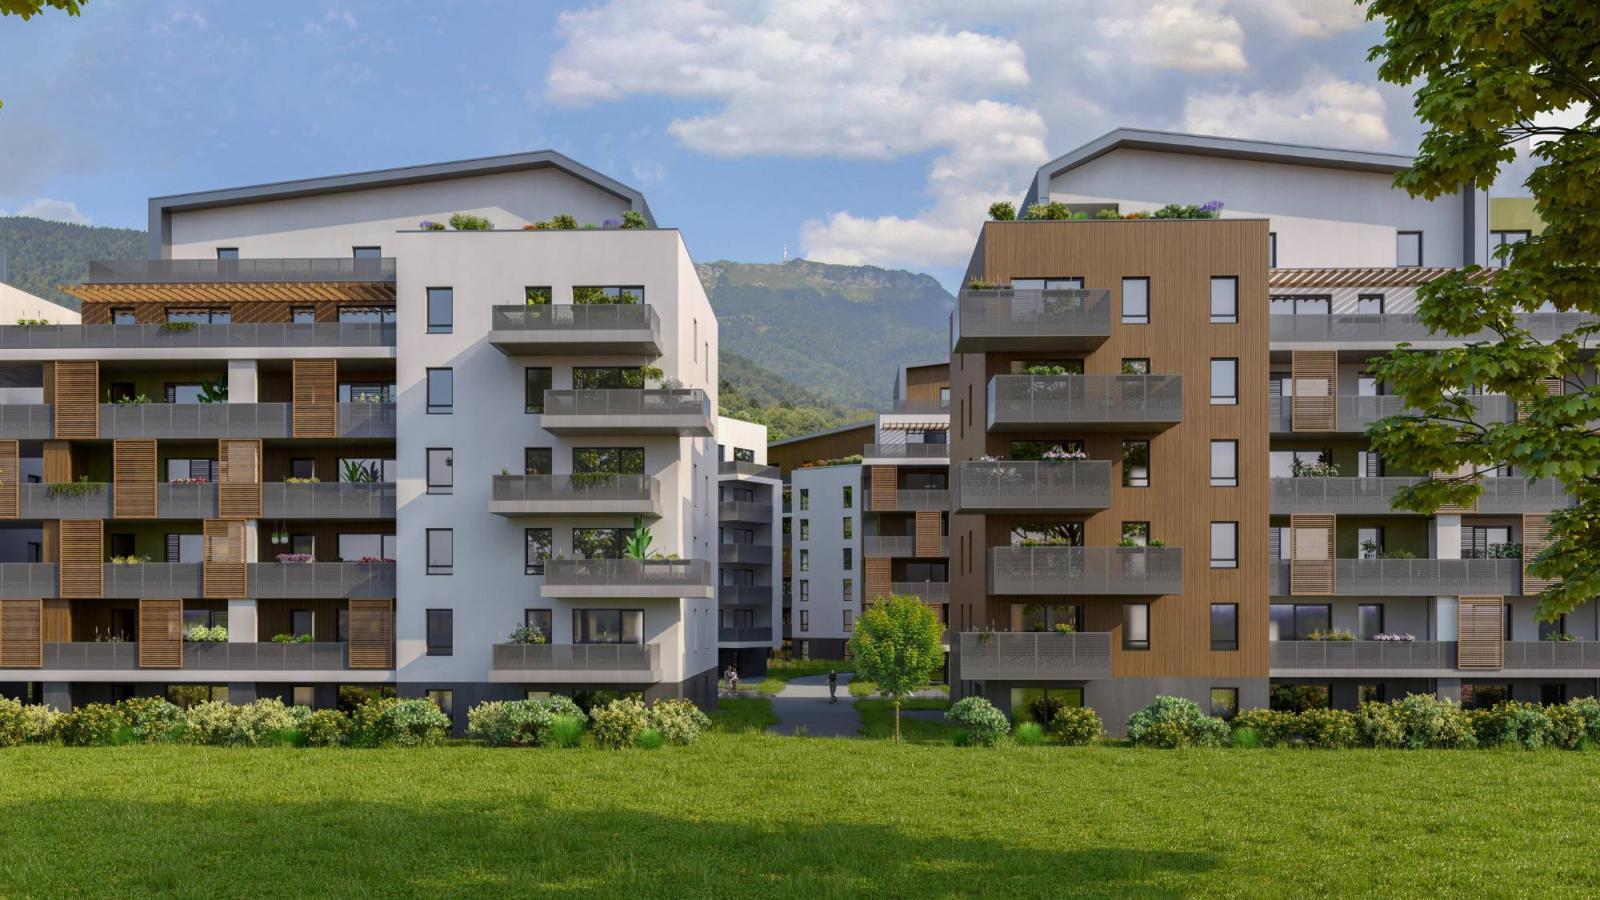 Programme immobilier VAL45 appartement à Gex (01170) Proche Centre Ville